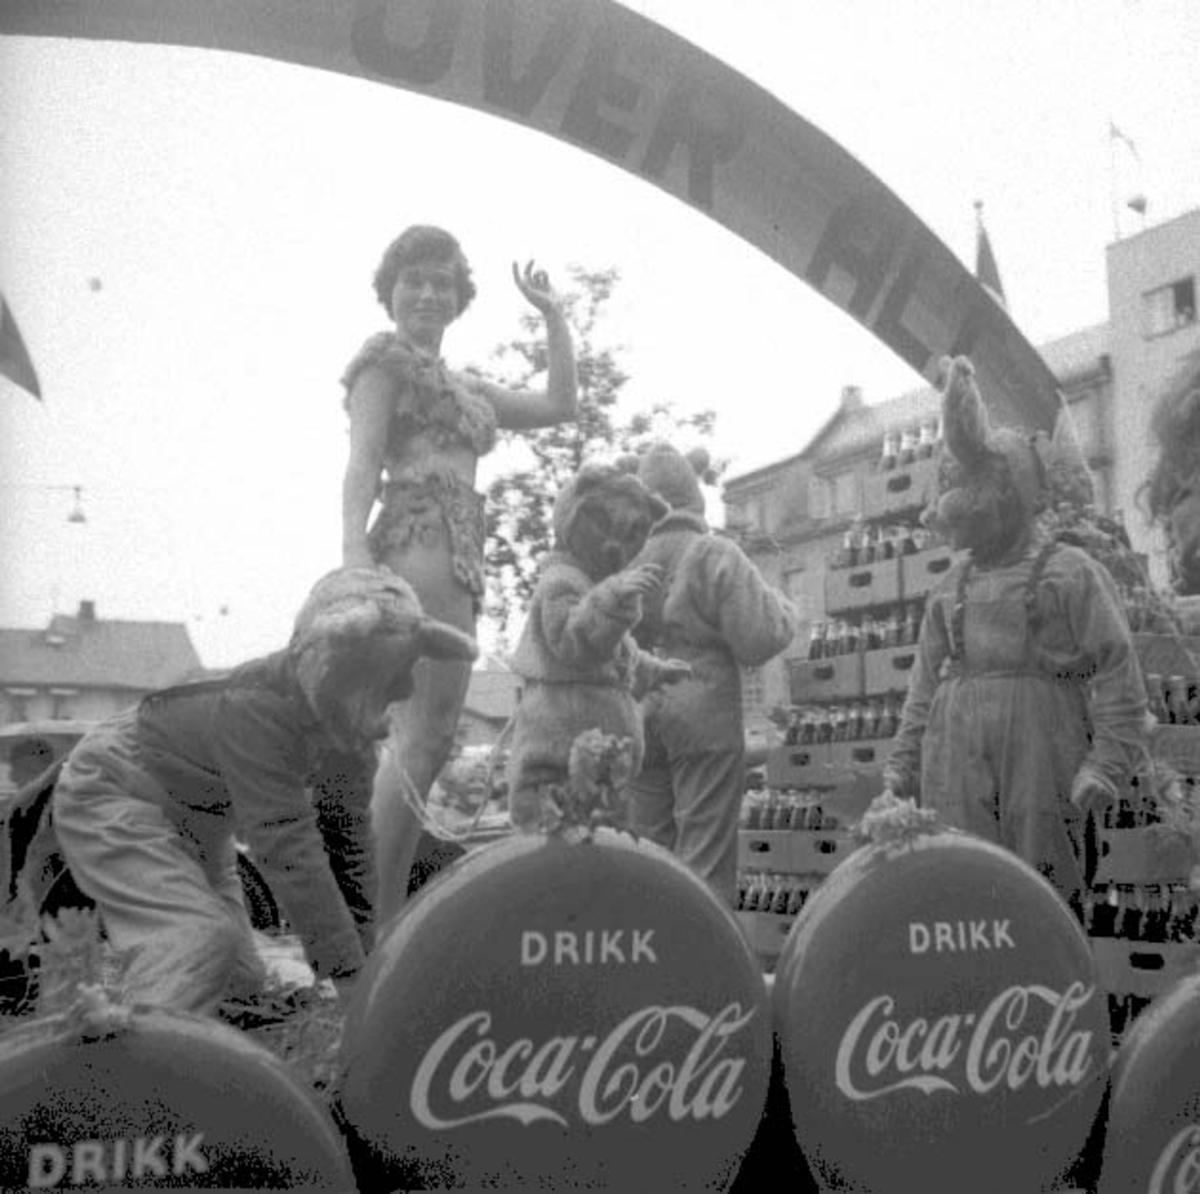 Hamardagen 1956, opptog, Lillehammer bryggeri, reklame Coca Cola. Ble kåret til opptogets beste innslag.